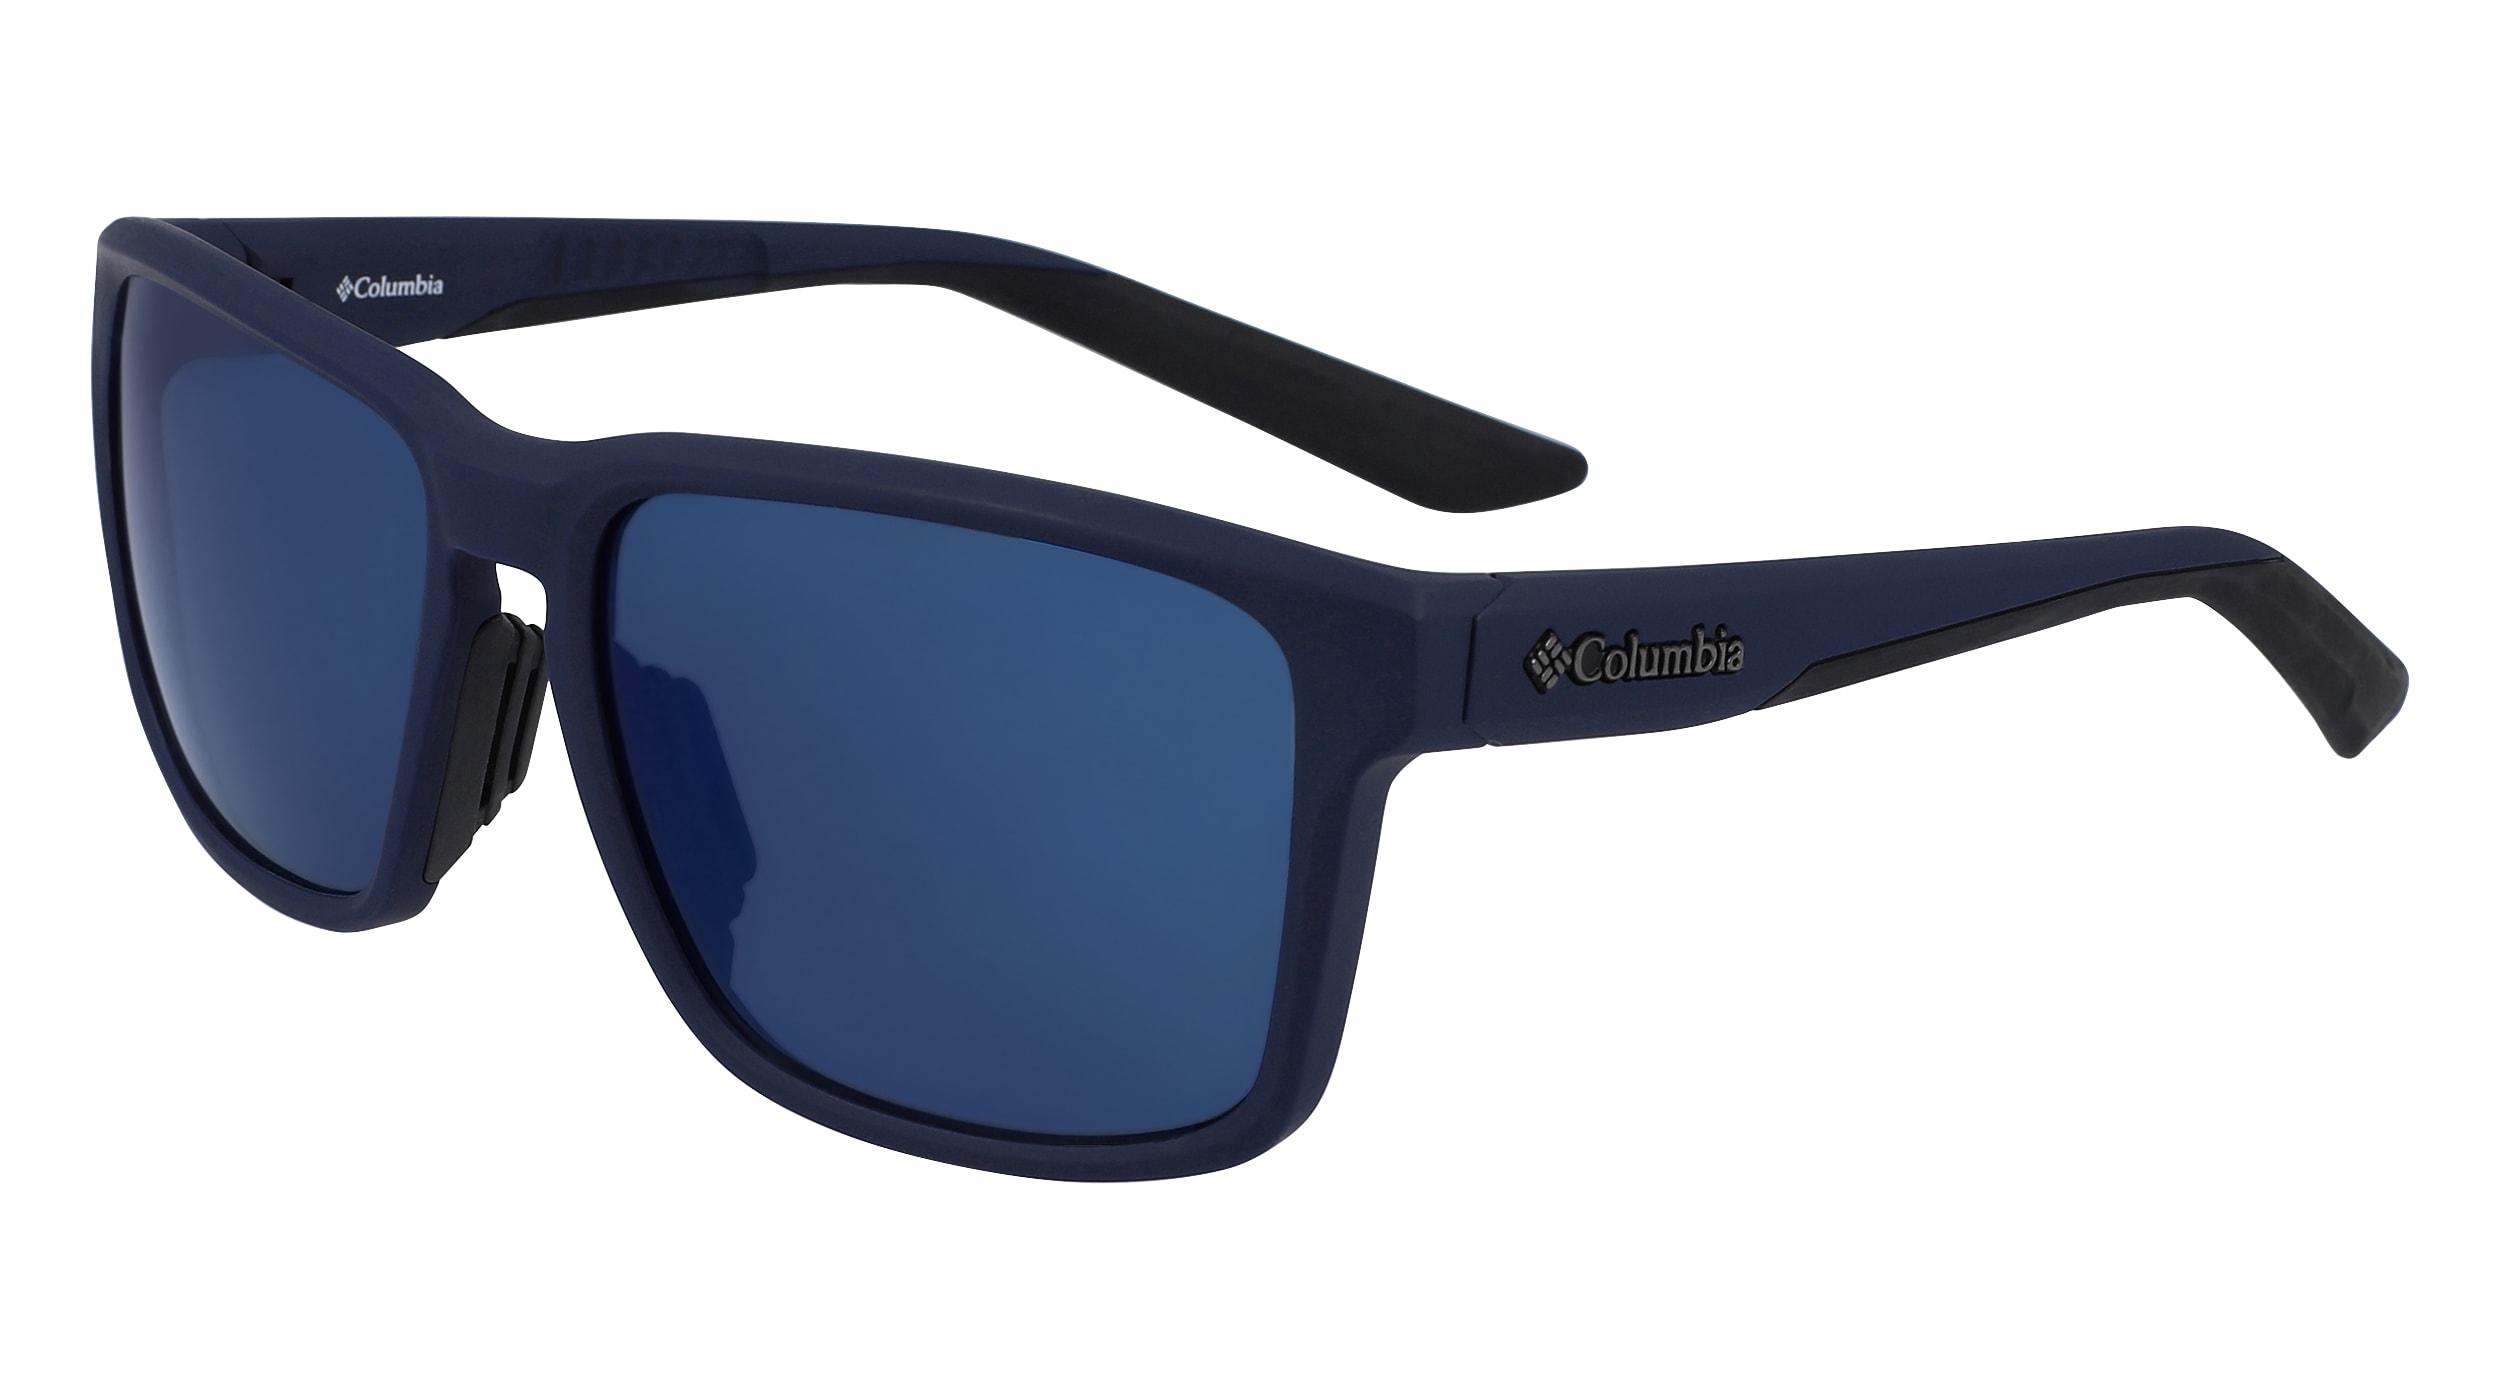 Blue Sunglasses NEW Columbia C544SM-CALPINE-MR-418-5917 Matte Collegiate navy